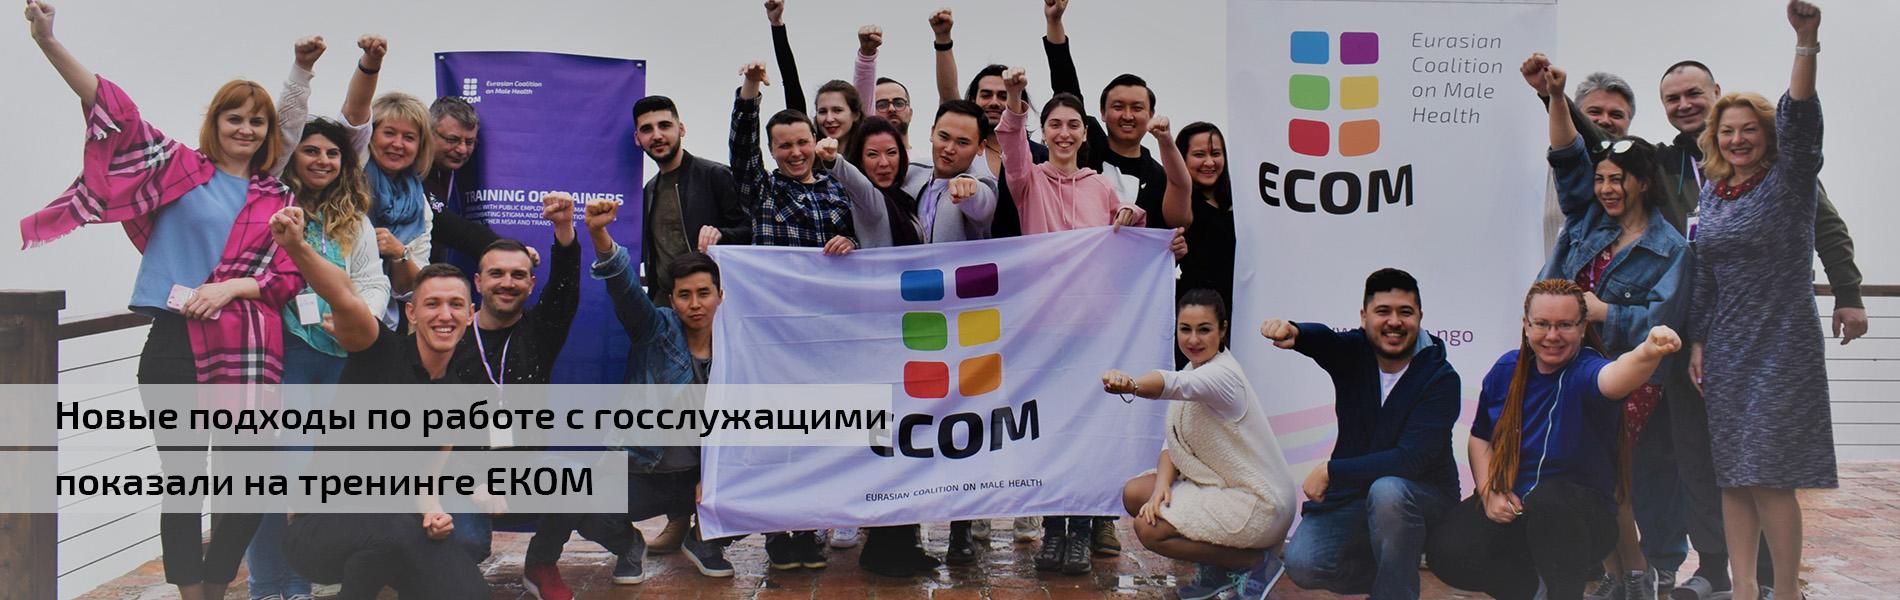 ЕКОМ продолжает уделять особое внимание вопросам по работе с государственными служащими по противодействию стигматизации и дискриминации в отношении геев, других МСМ и транс людей.